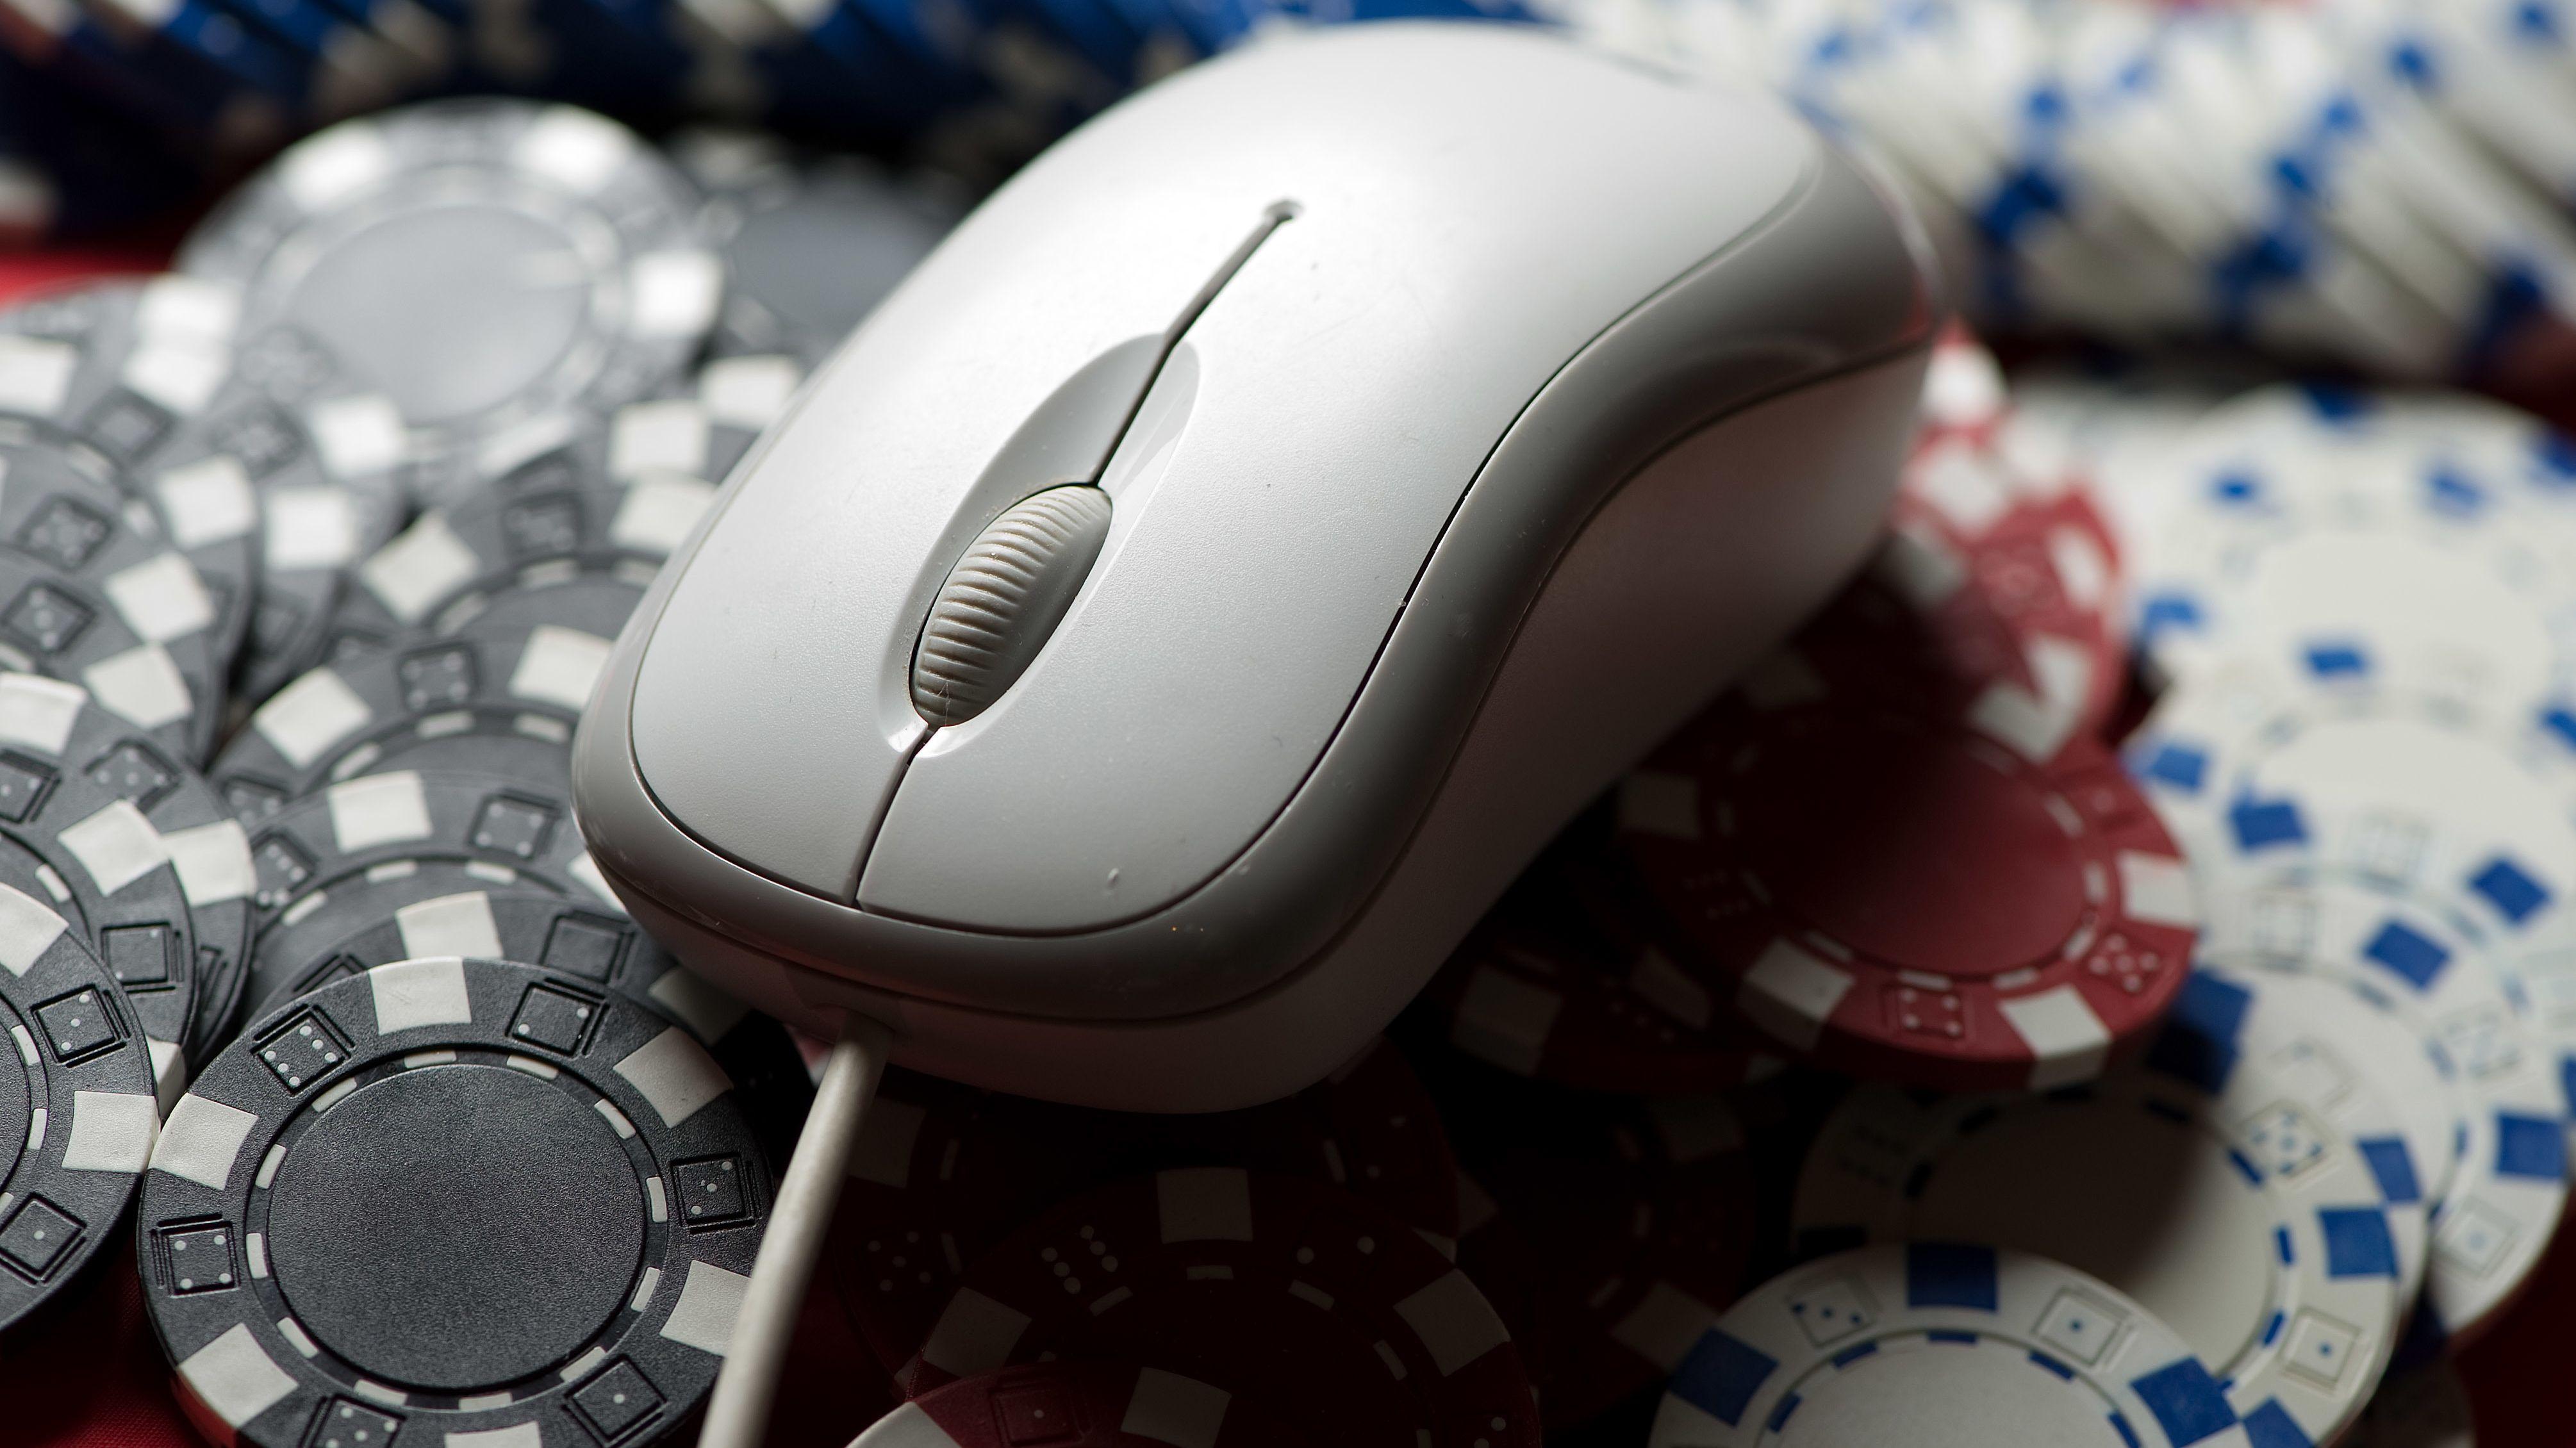 Eine Computermaus auf einem Stapel Glücksspiel-Jetons